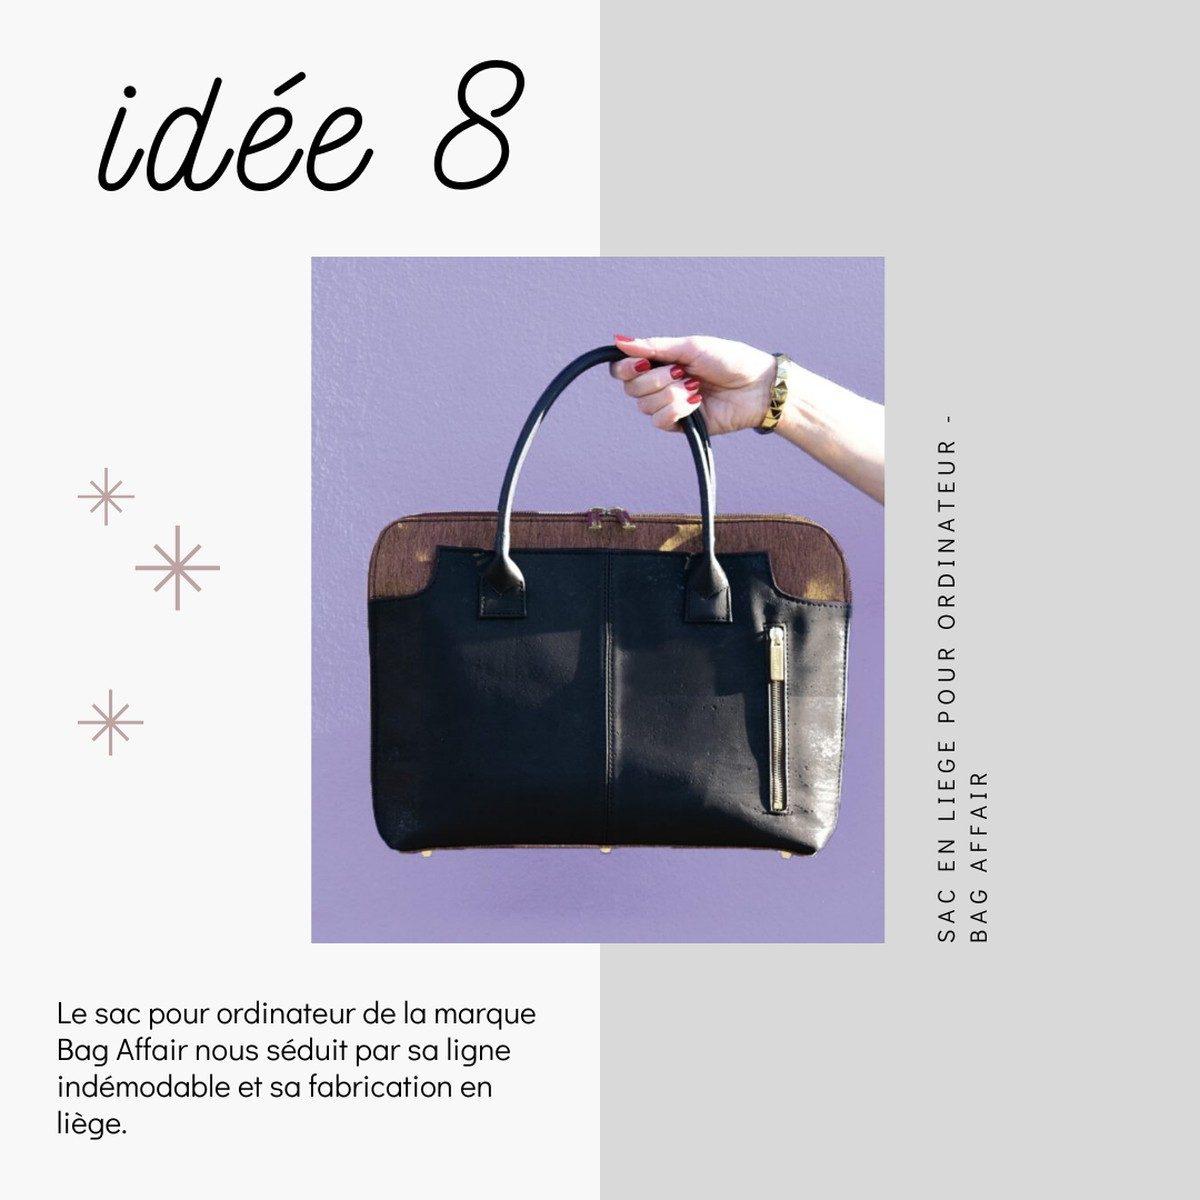 Noël 2019 notre liste de cadeaux slow fashion d'exception - 08 - Bag Affair